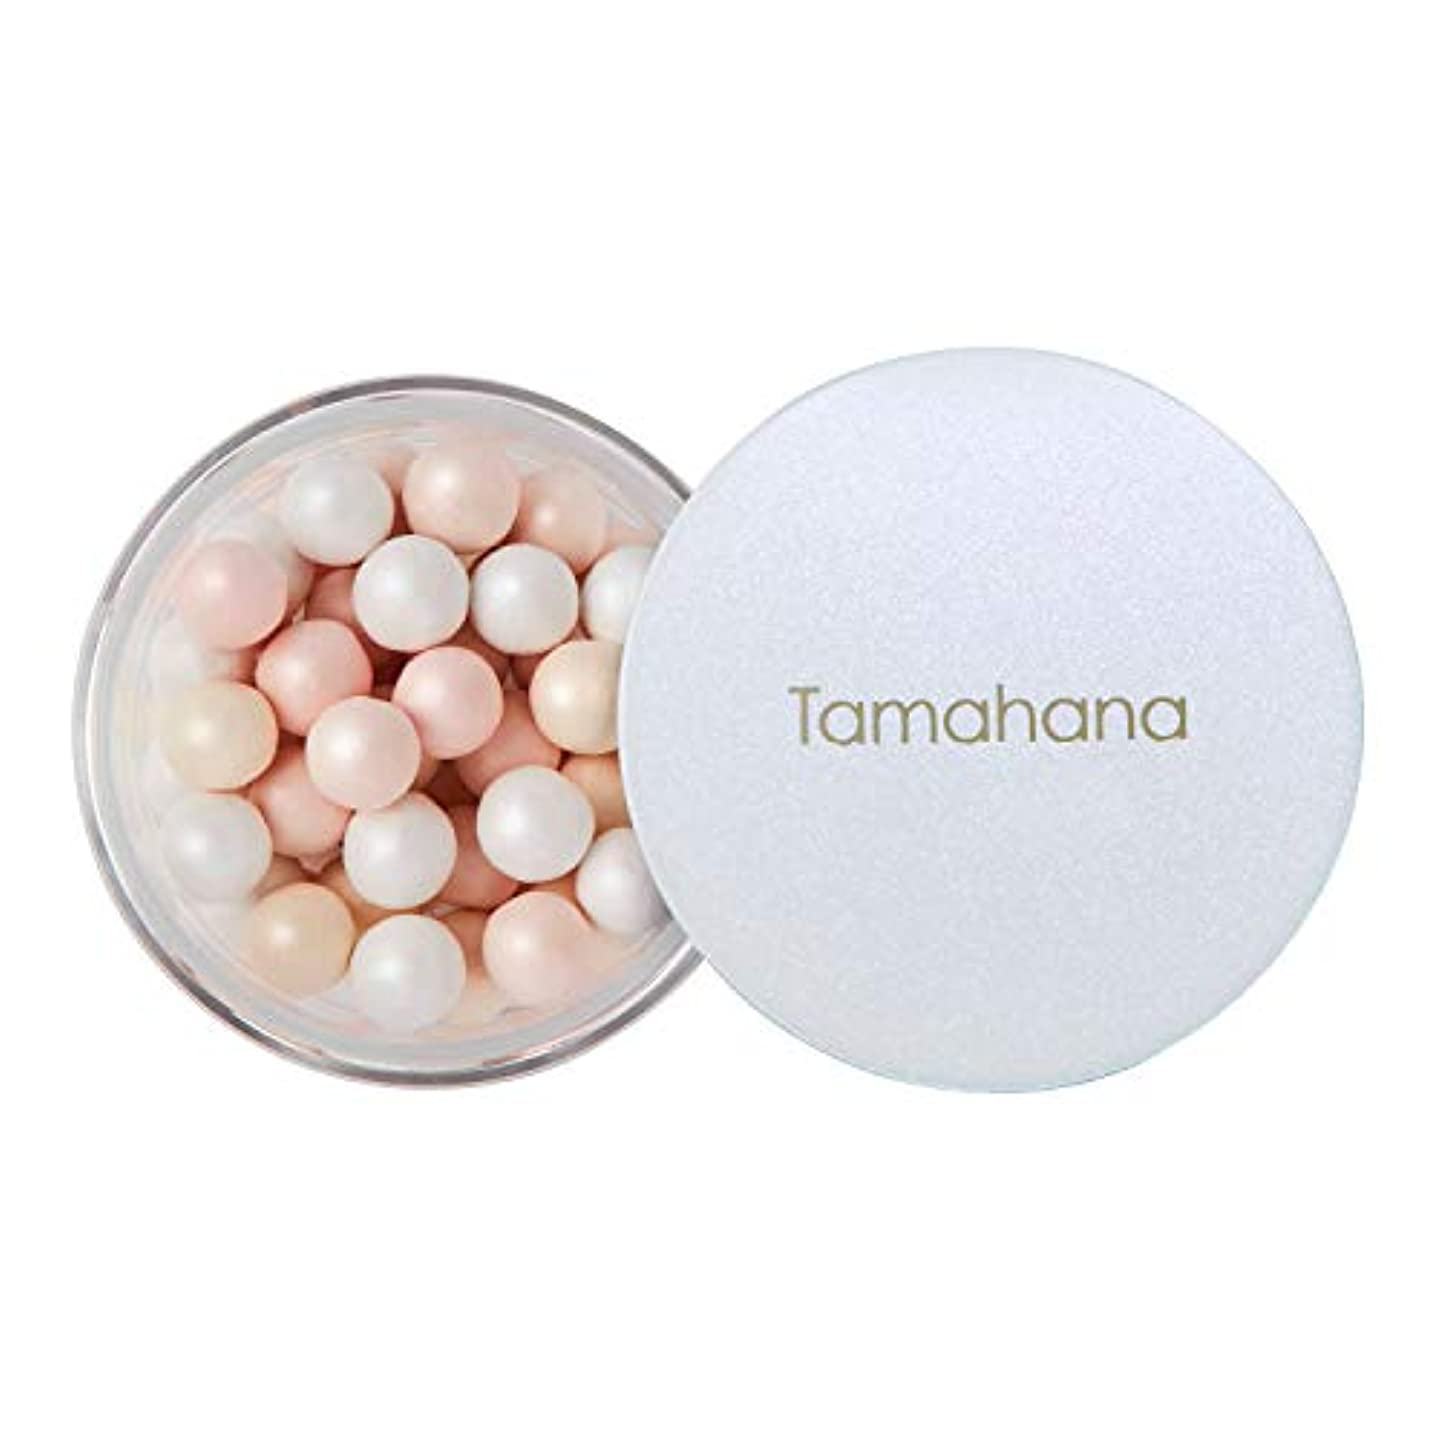 ヒューマニスティック熱心正当化するTamahana(タマハナ) シャイニー ブライトニングルースパウダー パフ付 <フェイス?ボディーパウダー>